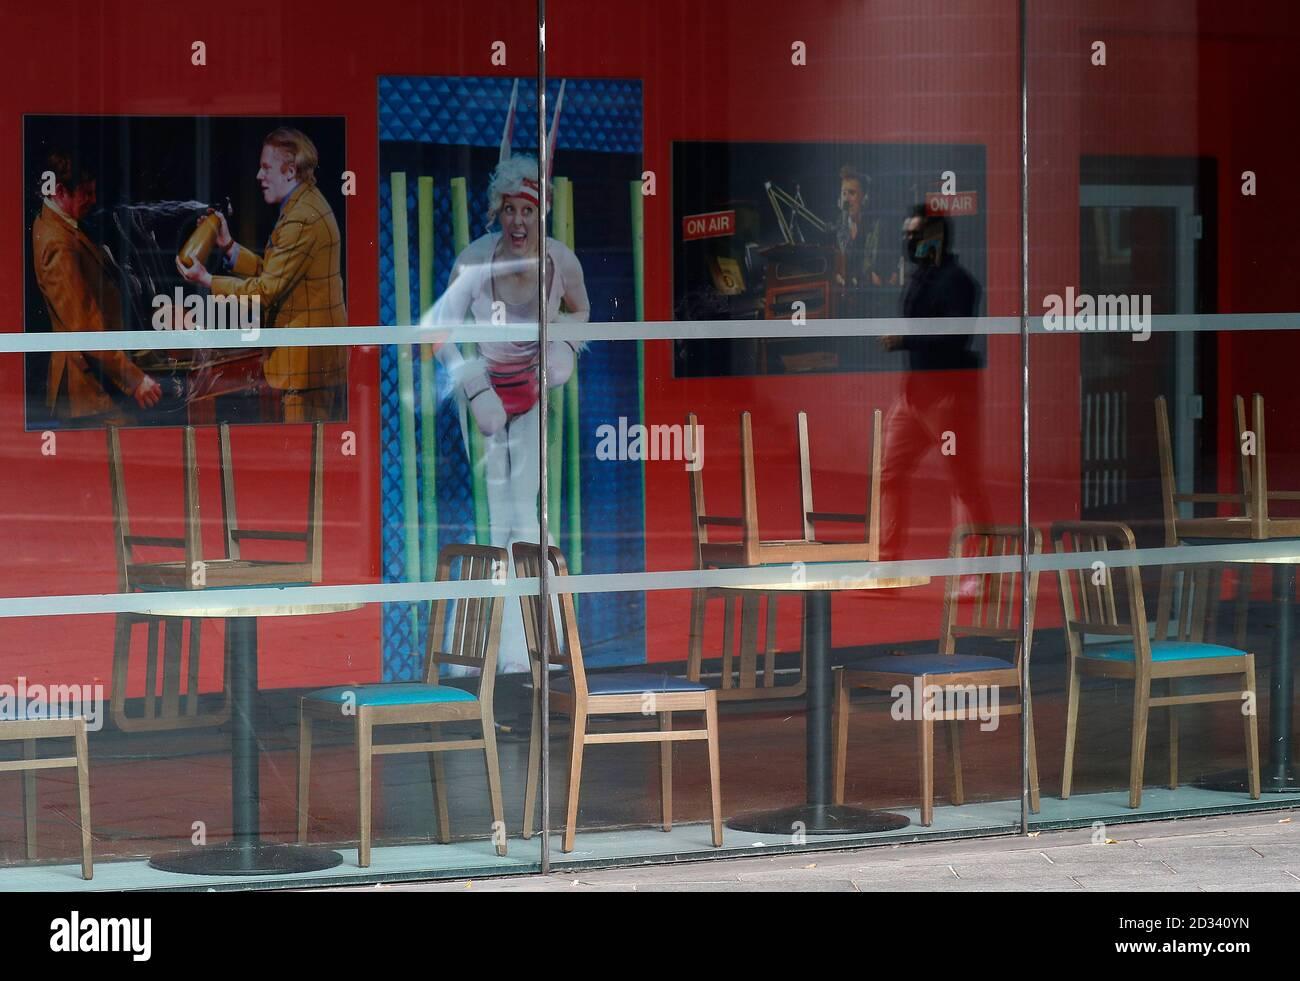 Leicester, Leicestershire, Großbritannien. Oktober 2020. Ein Mann spiegelt sich im Fenster des Closed Curve Theatre 100 Tage seit der Ankündigung der ersten lokalen Coronavirus-Pandemiesperre in der Stadt UKÕs. Credit Darren Staples/Alamy Live News. Stockfoto